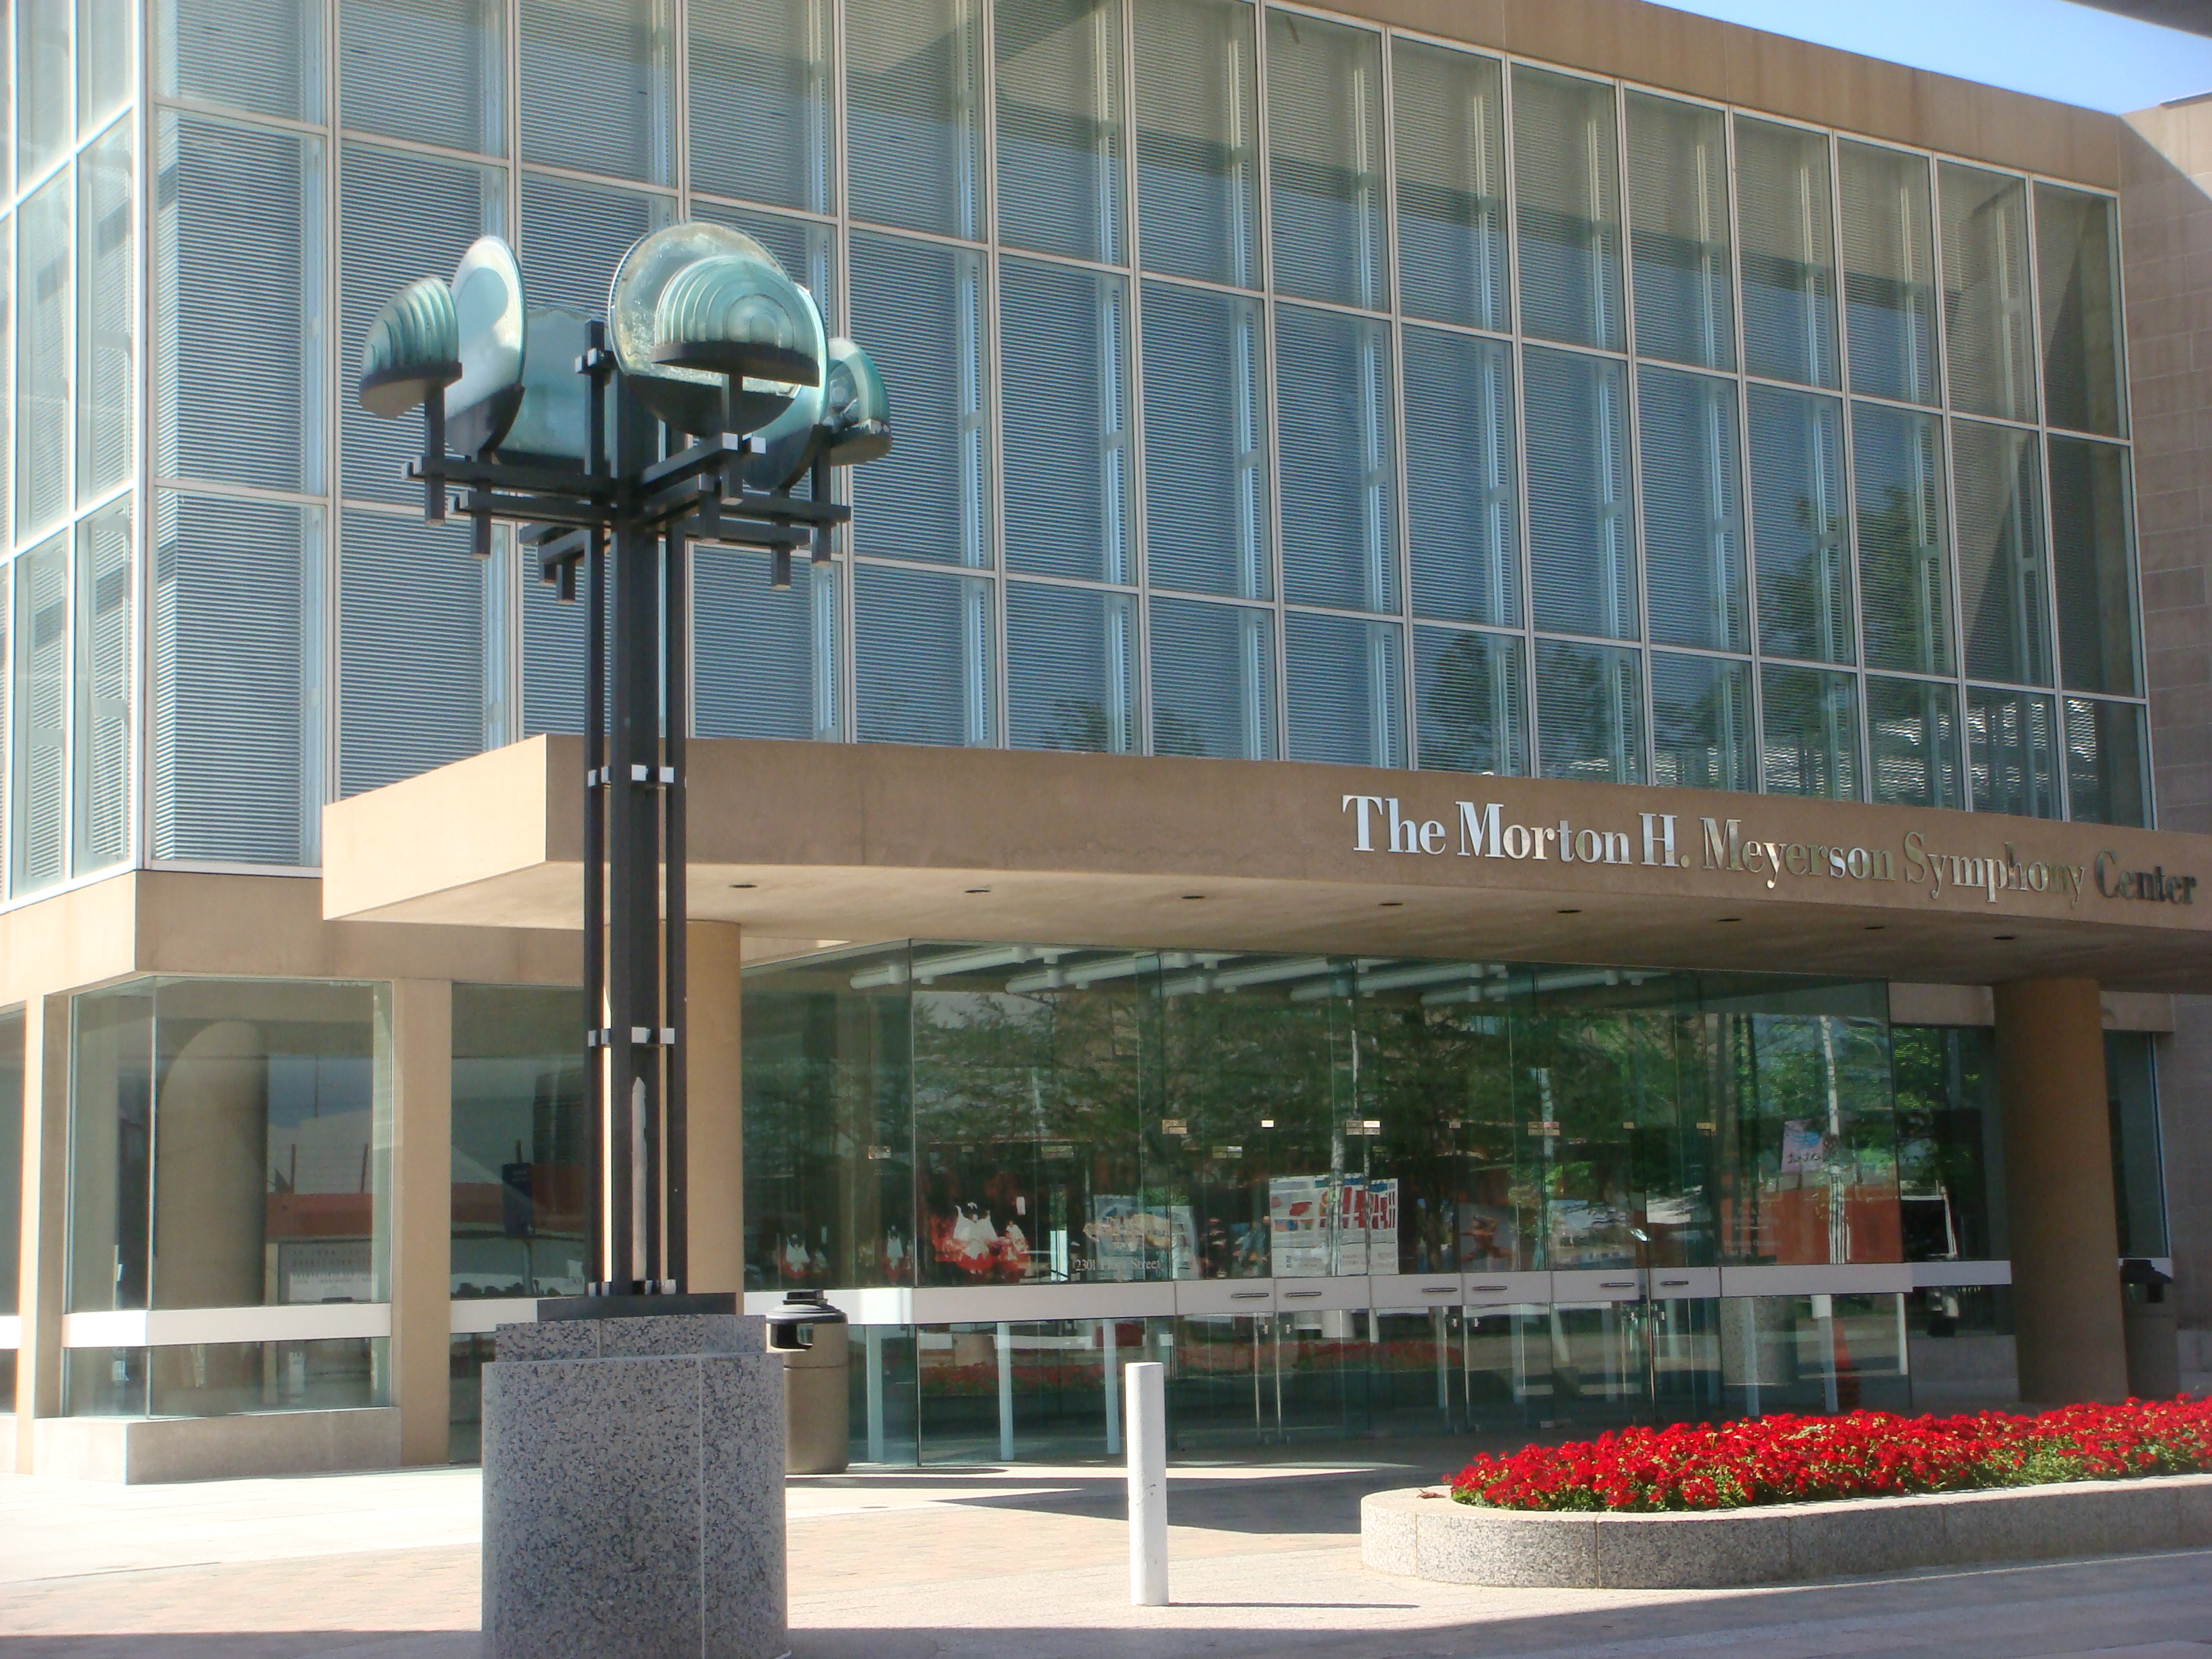 MORTON H. MEYERSON SYMPHONY HALL